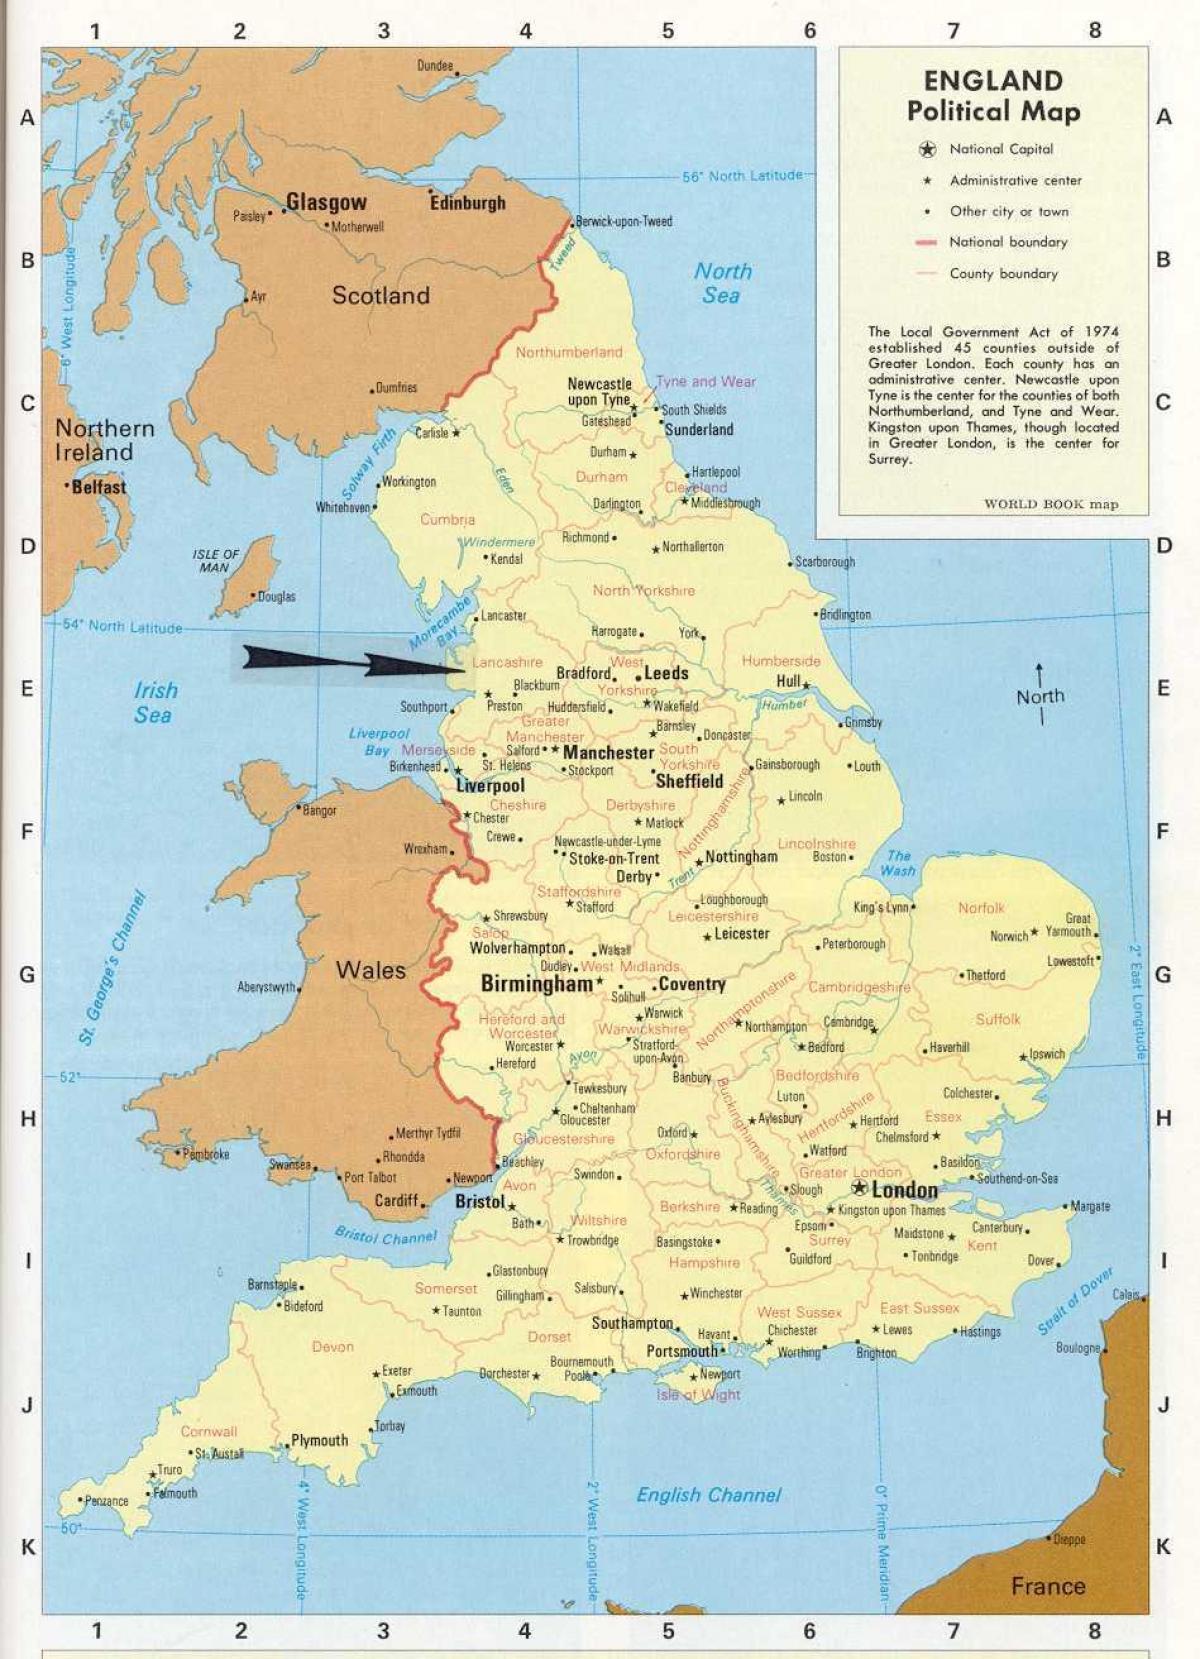 Uk Kort Byer Kort Over Storbritannien Med Byer Og Byer I Det